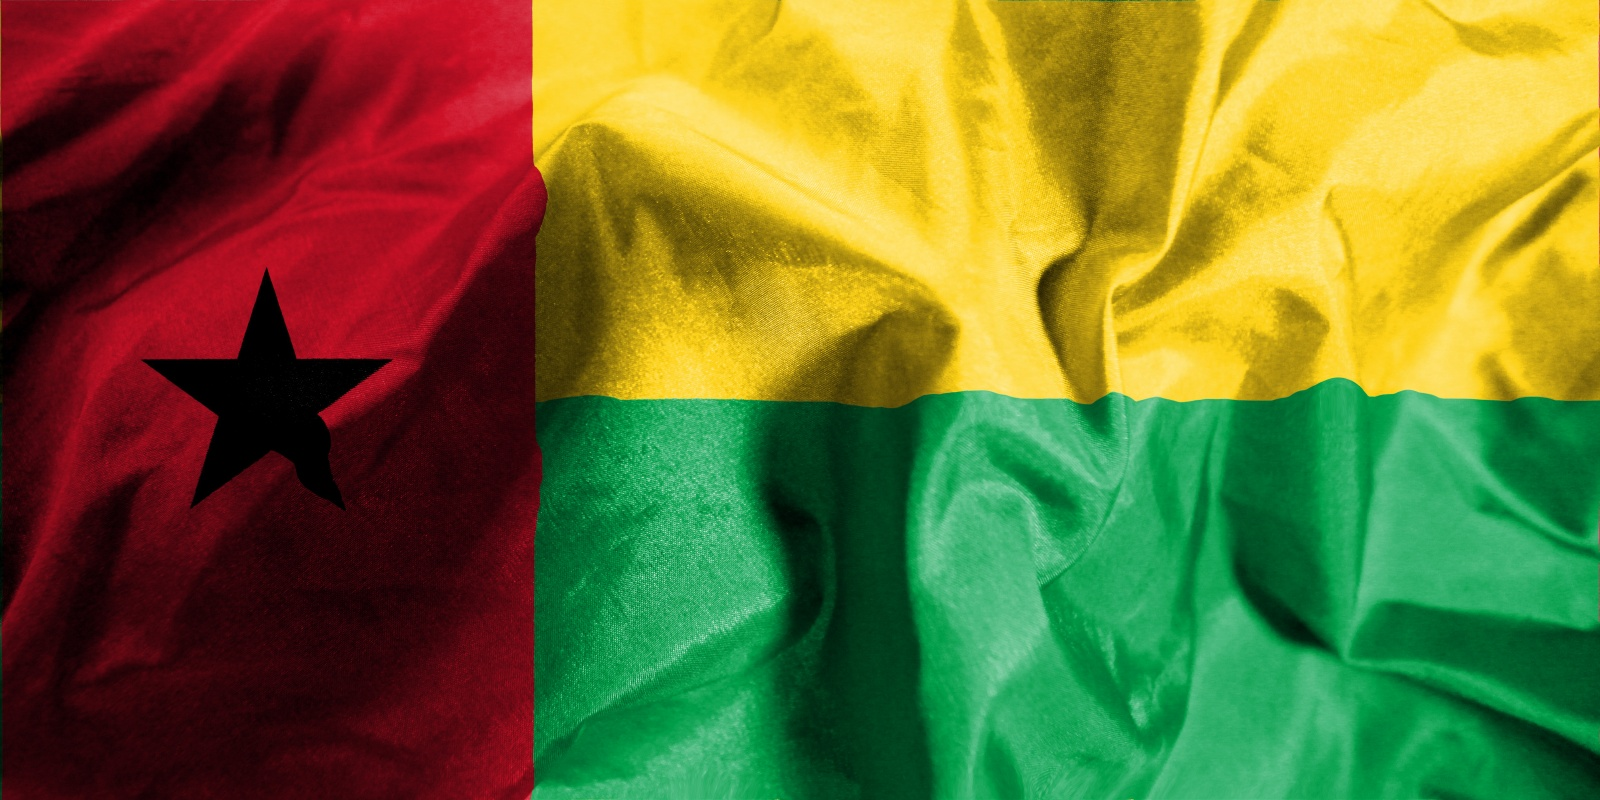 Governo da Guiné-Bissau suspende adopções internacionais para combater tráfico de crianças